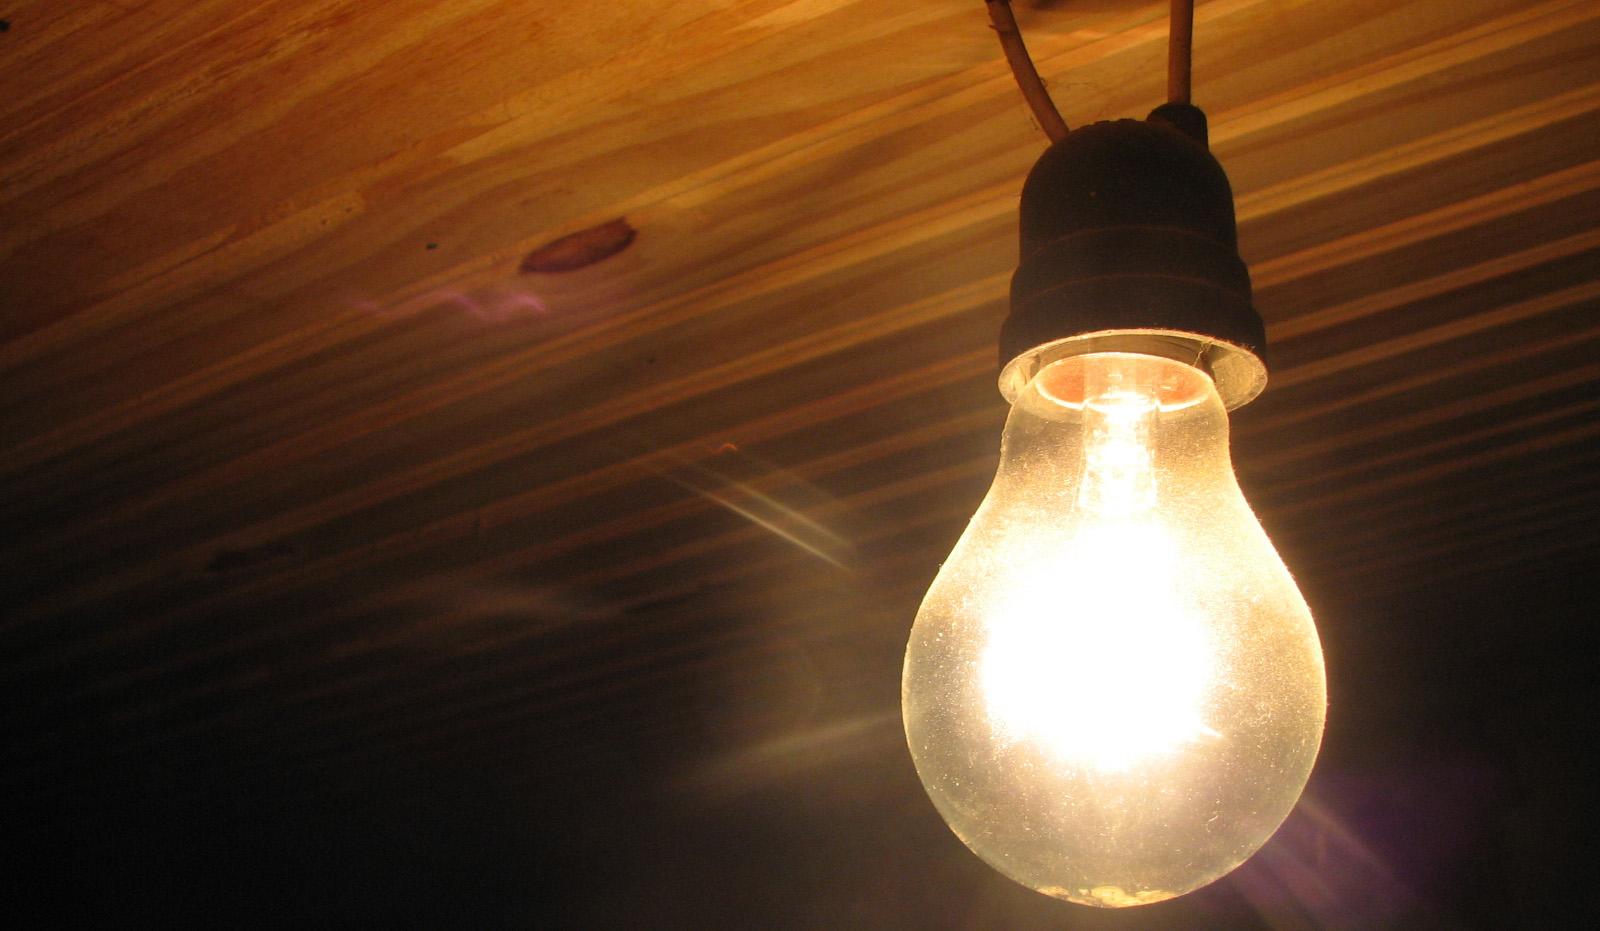 Venda de lâmpadas incandescentes está proibida no país a partir de hoje